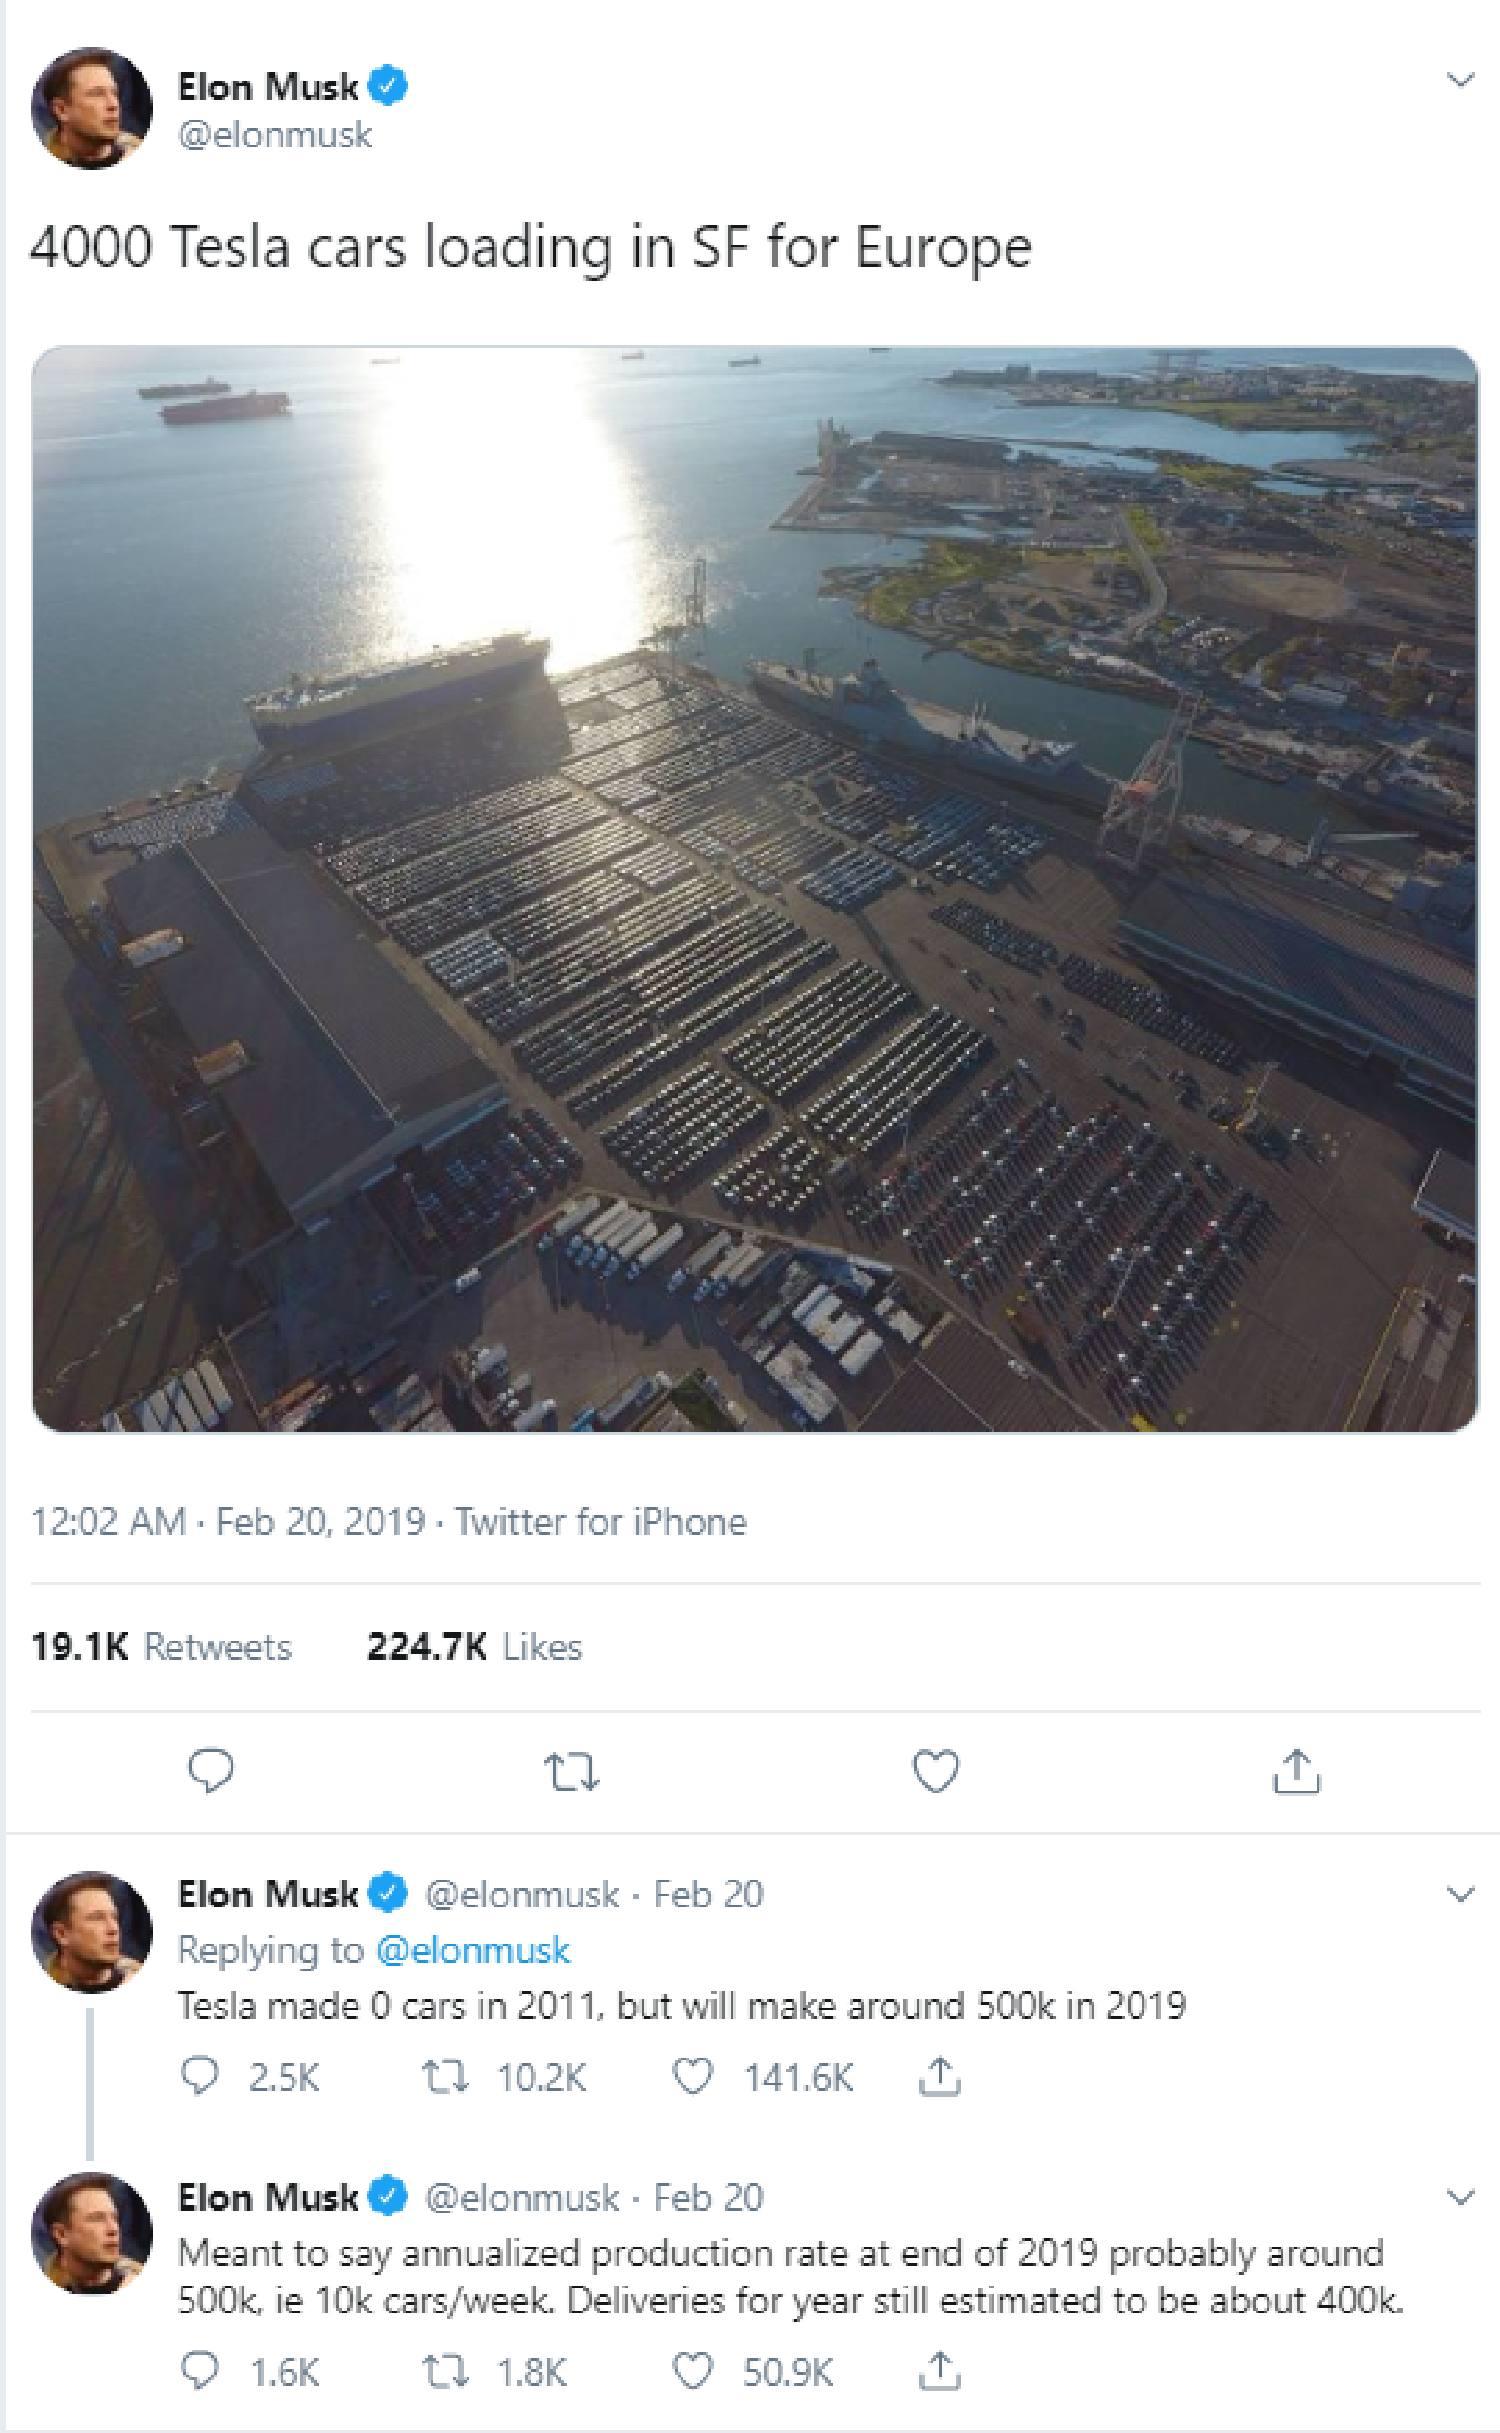 Voll beladene Schiffe mit Tesla-Fahrzeugen